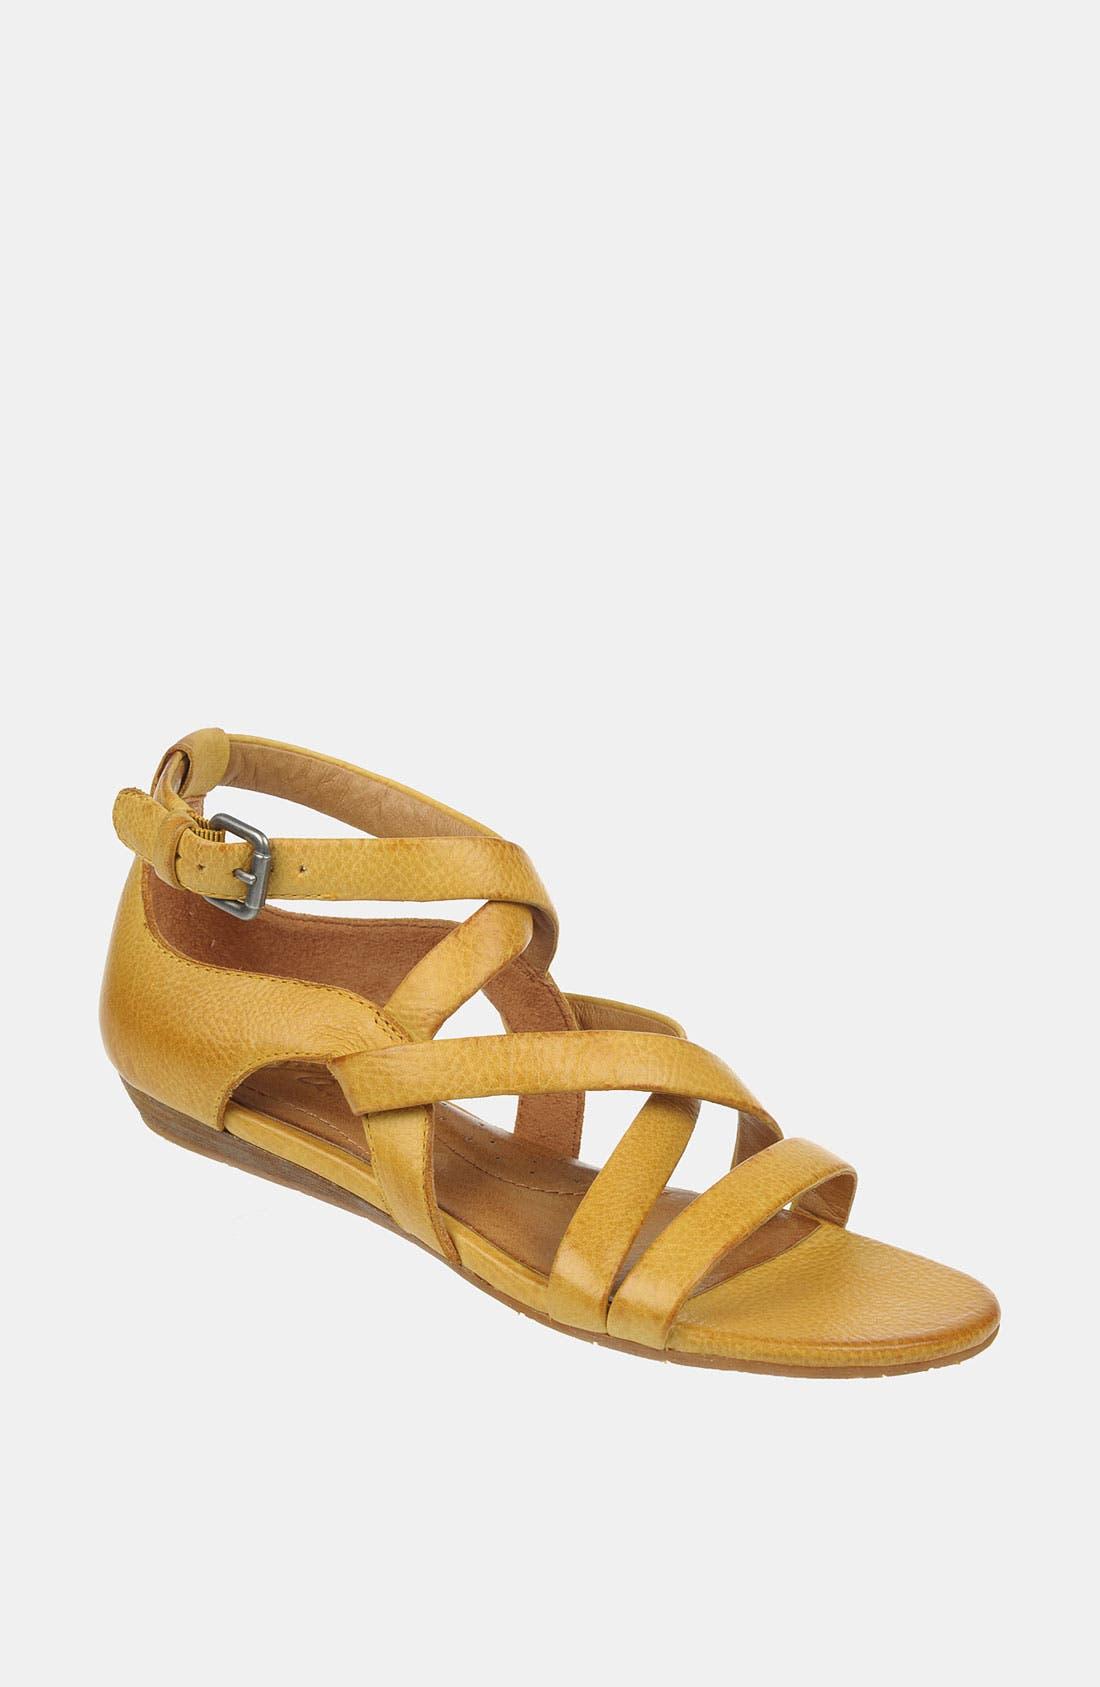 Main Image - Naya 'Hillary' Sandal